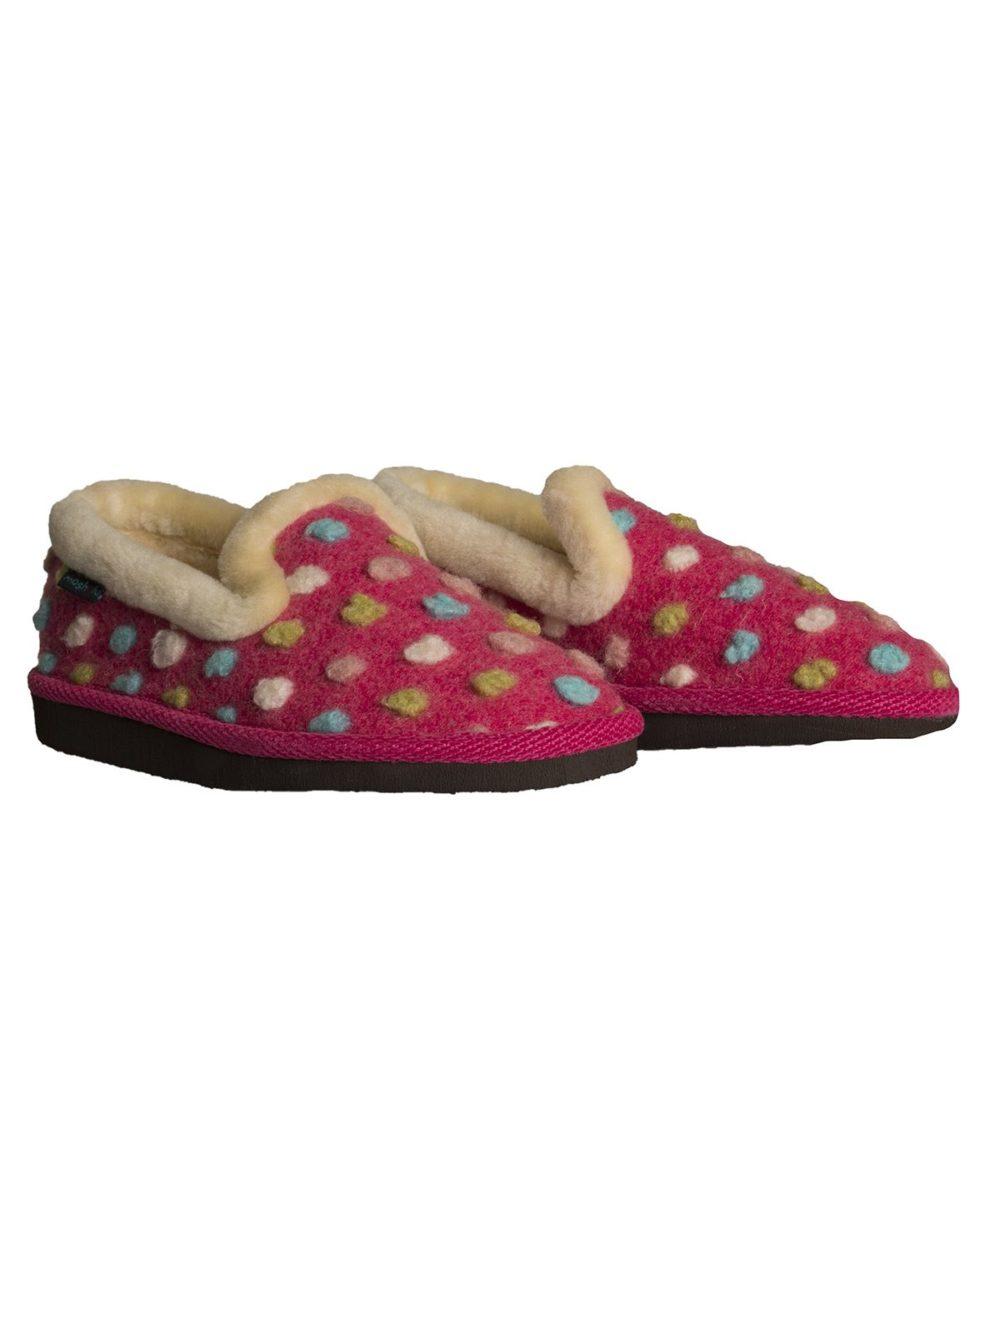 Peanut Brittle Slipper Moshulu Katie Kerr Women's Clothing Women's Slippers